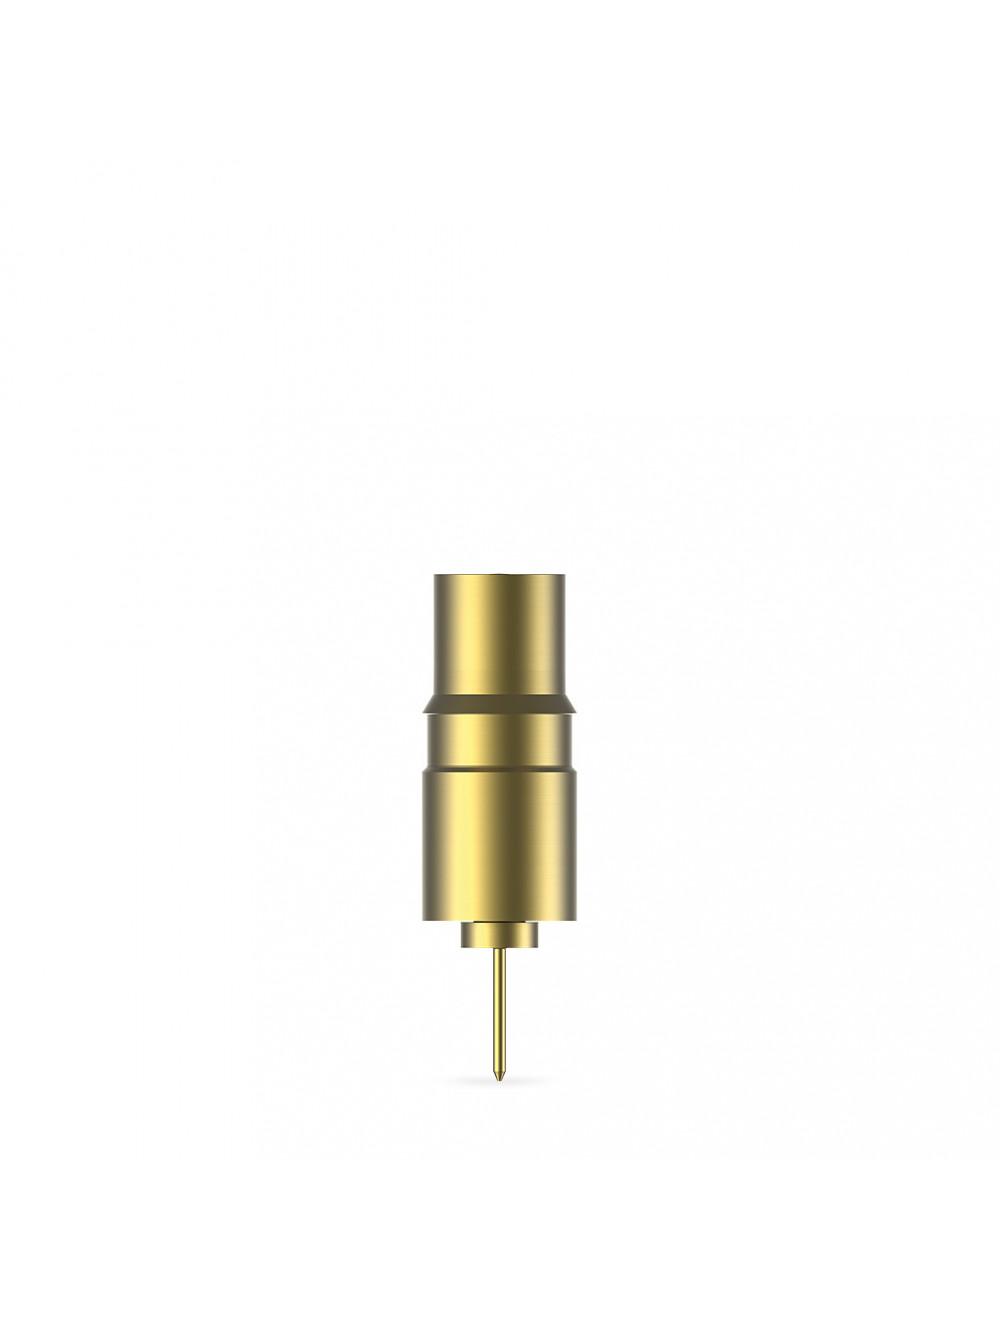 Das Produkt MK-dent LED Lampe BU8012C aus dem Global-dent online shop.